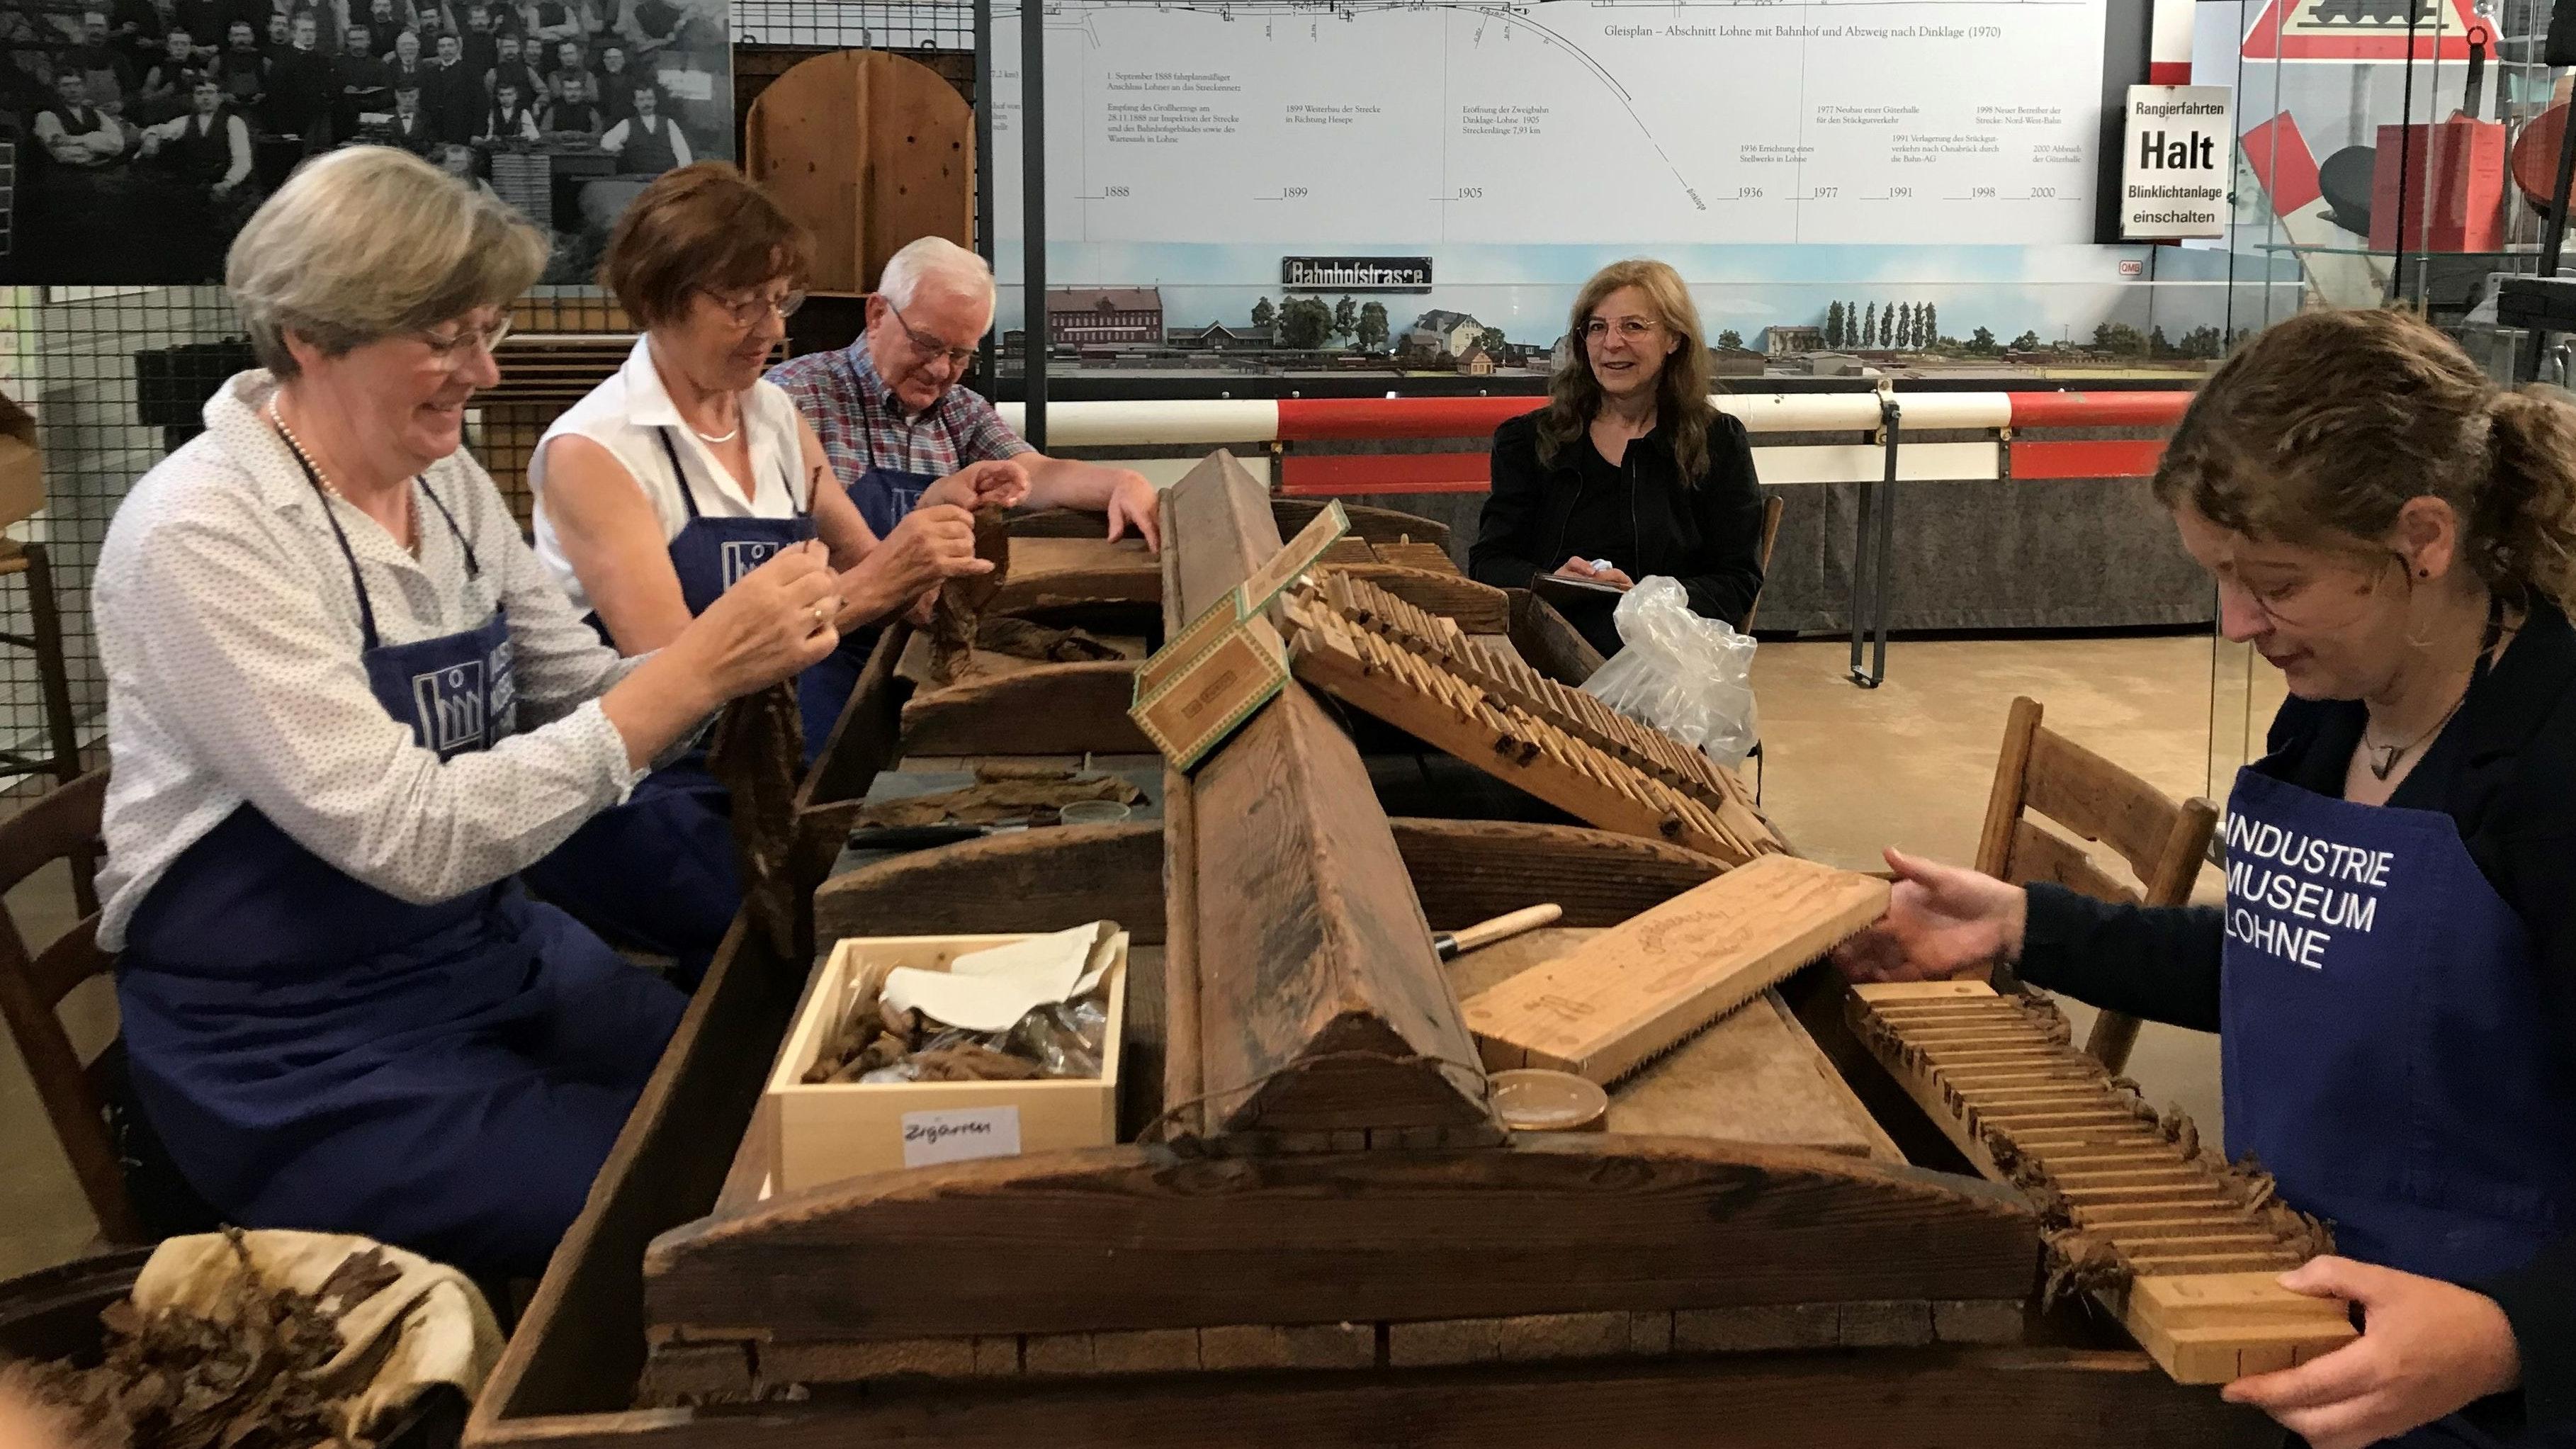 Stellen Zigarren her: (von links) Maria Quartmann, Hildegard Riesselmann, Herbert Pianta, Ulrike Hagemeier und Karin Brinkmann. Foto: Alidini